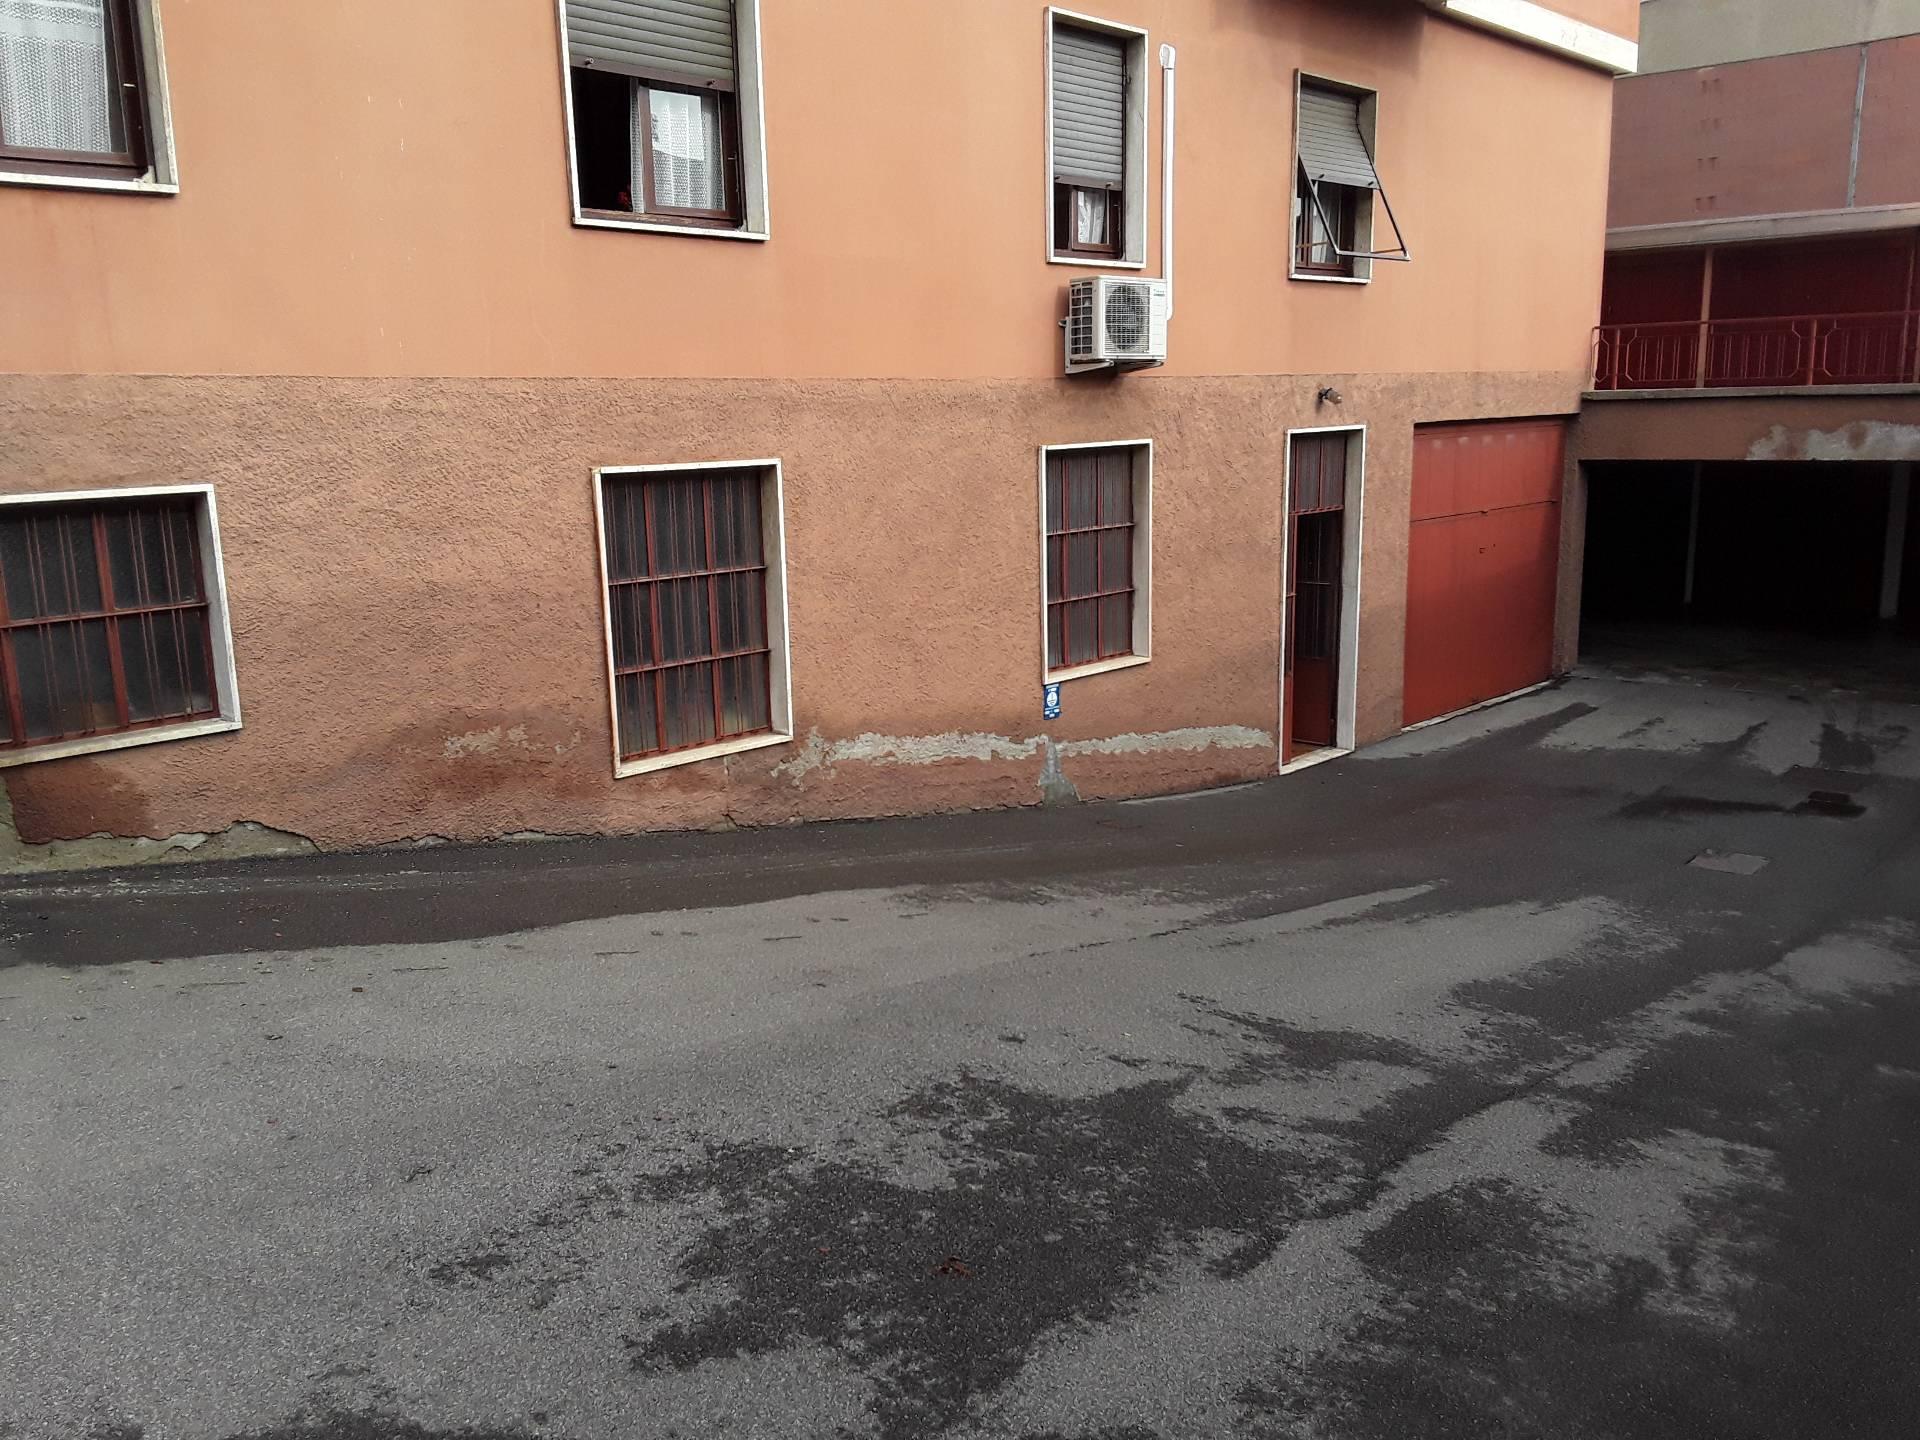 Magazzino in vendita a Legnano, 9999 locali, zona Zona: Oltrestazione, prezzo € 140.000 | CambioCasa.it